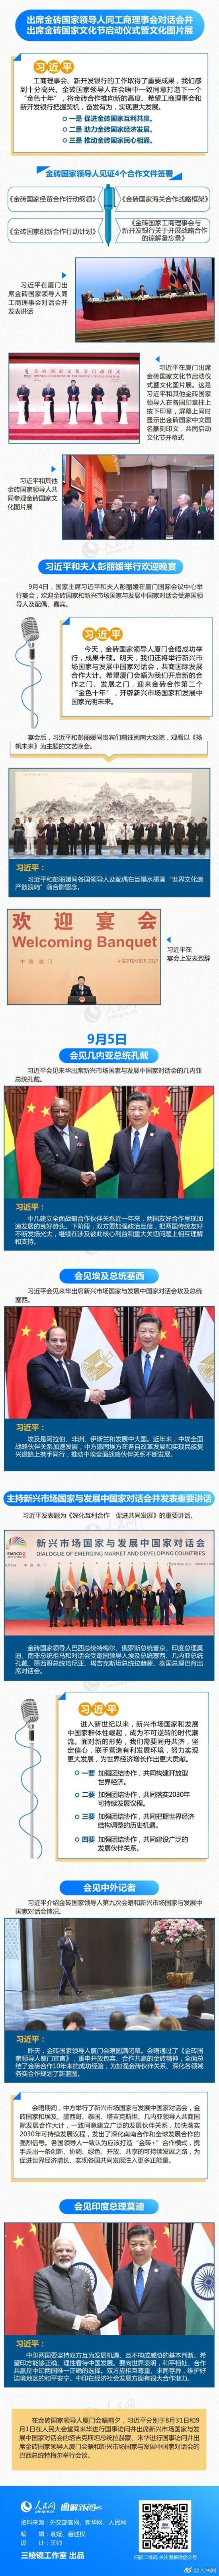 习近平出席金砖国家领导人厦门会晤全纪录 图解图片